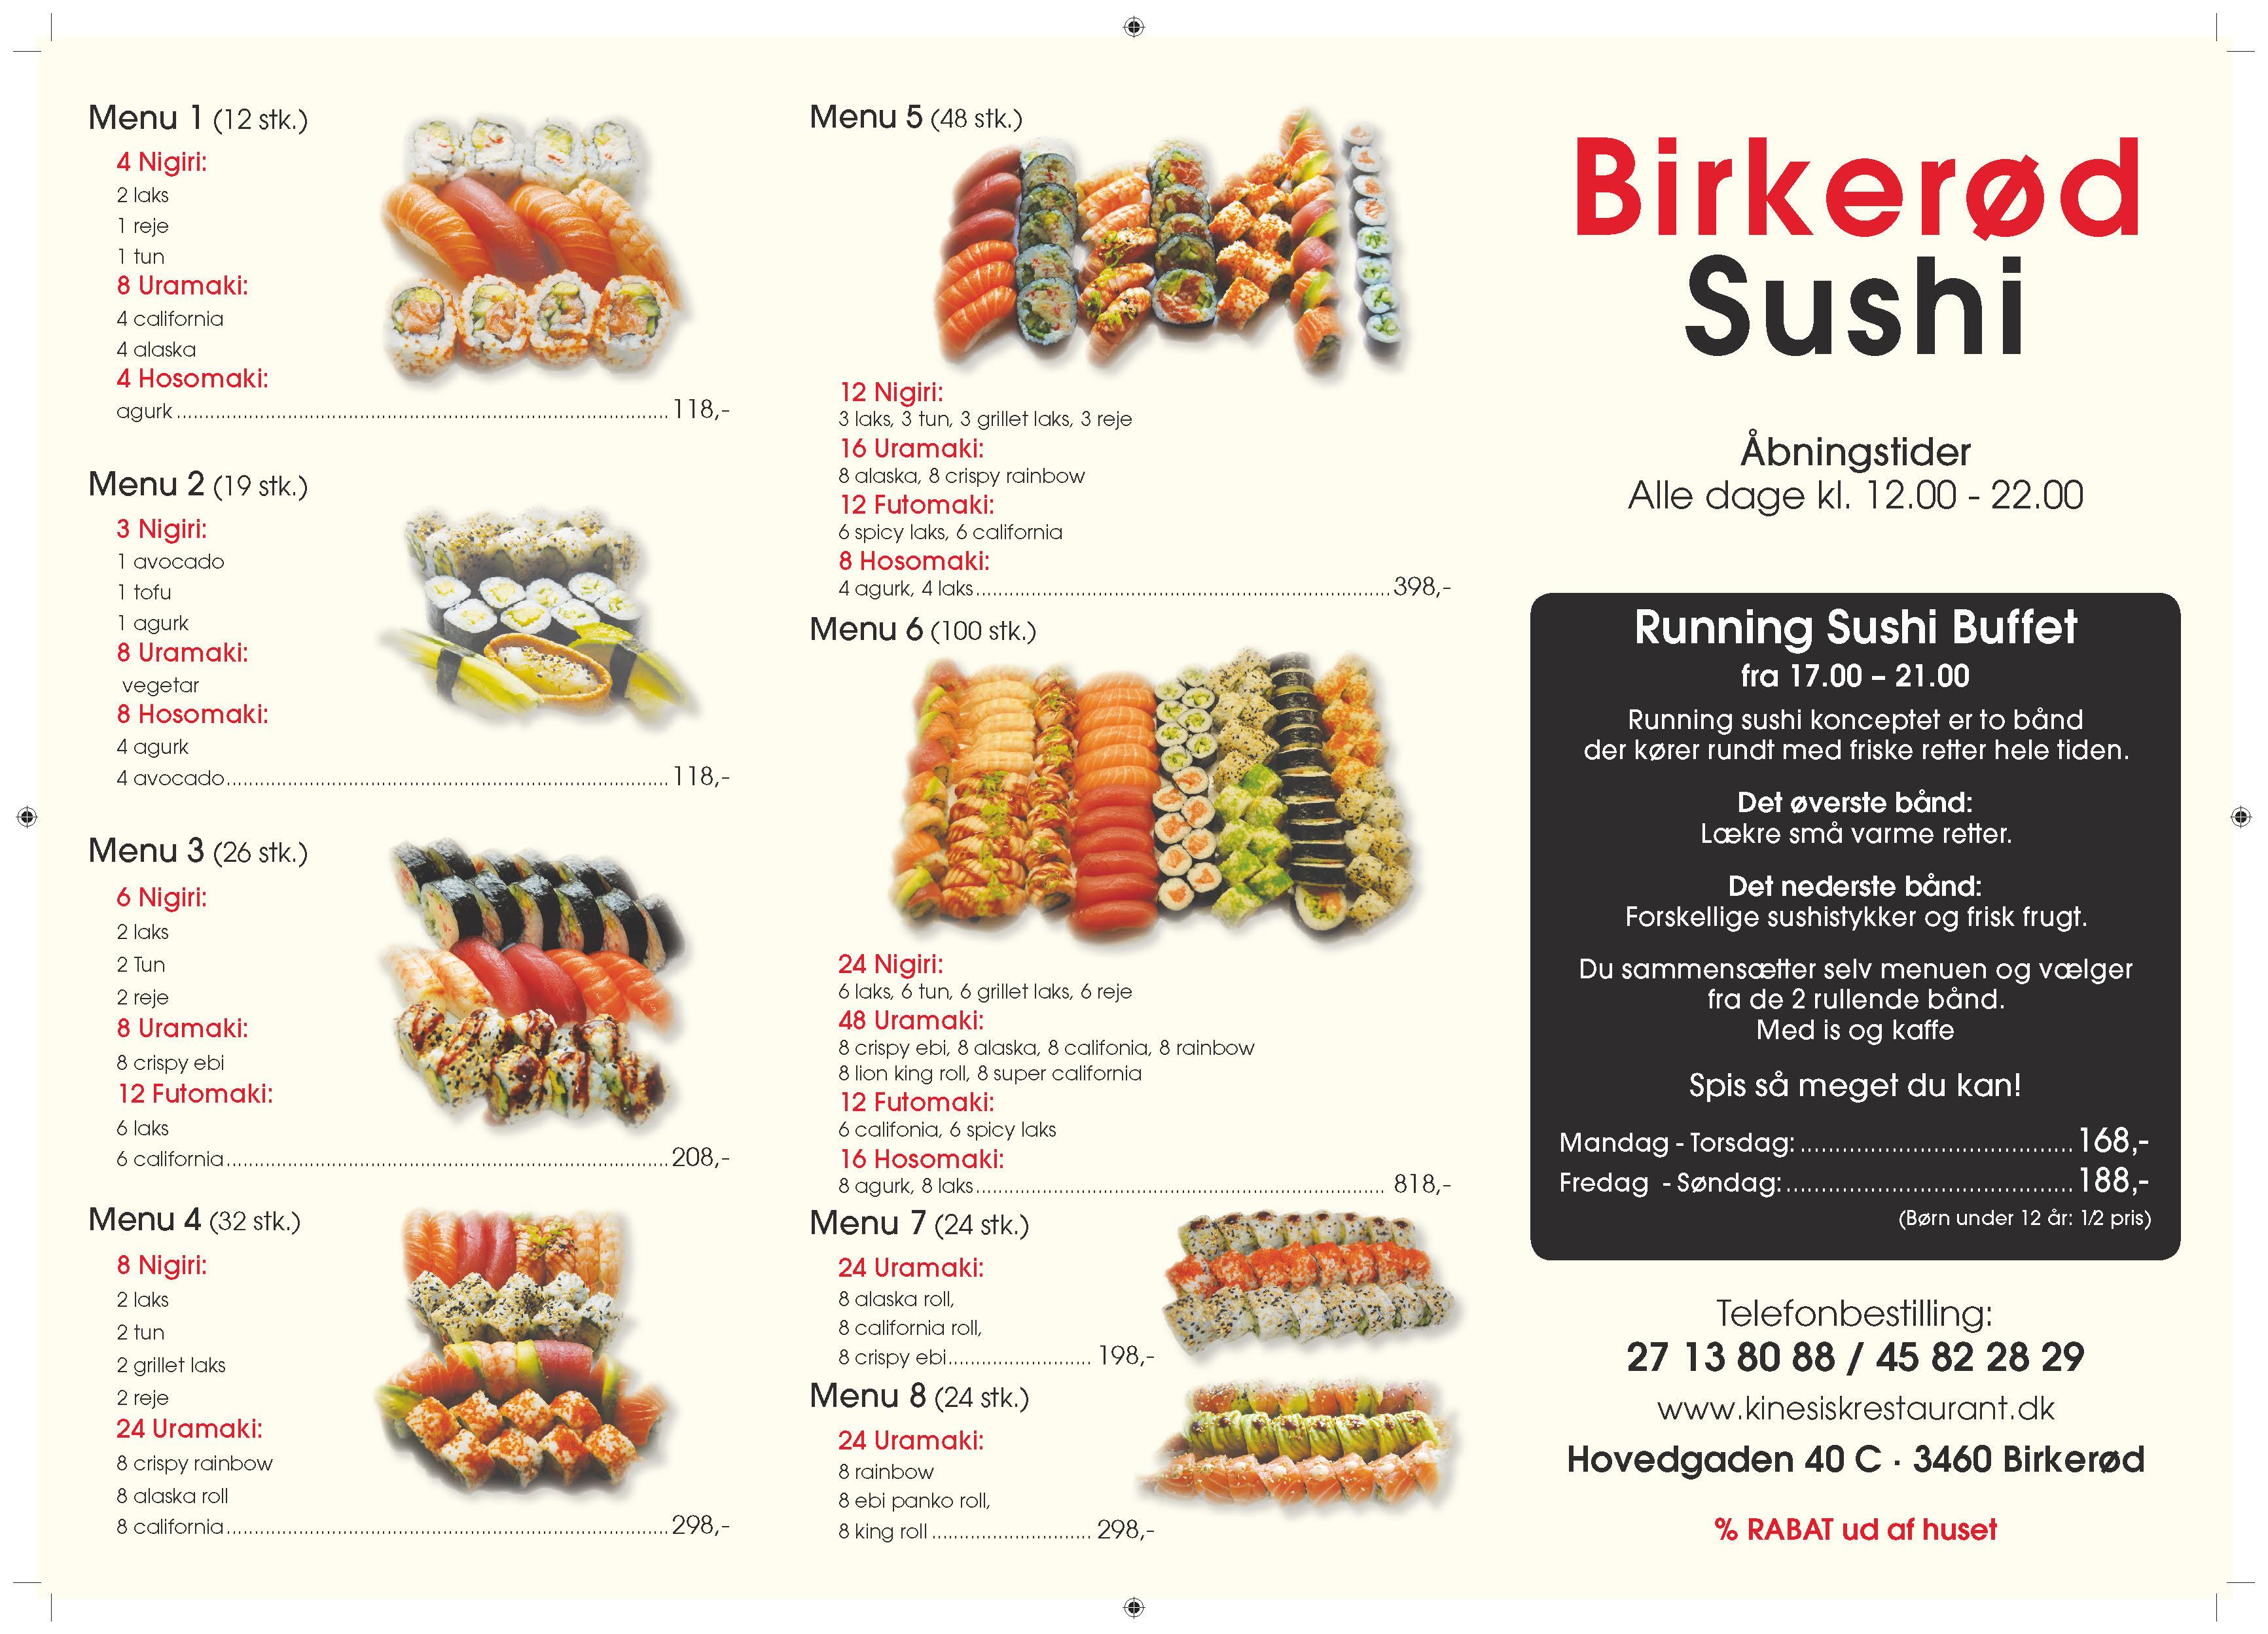 Kinesisk Restaurant og Birkerød Kro - Restauranter, Birkerød - Danmark, (TLF: 45822...)